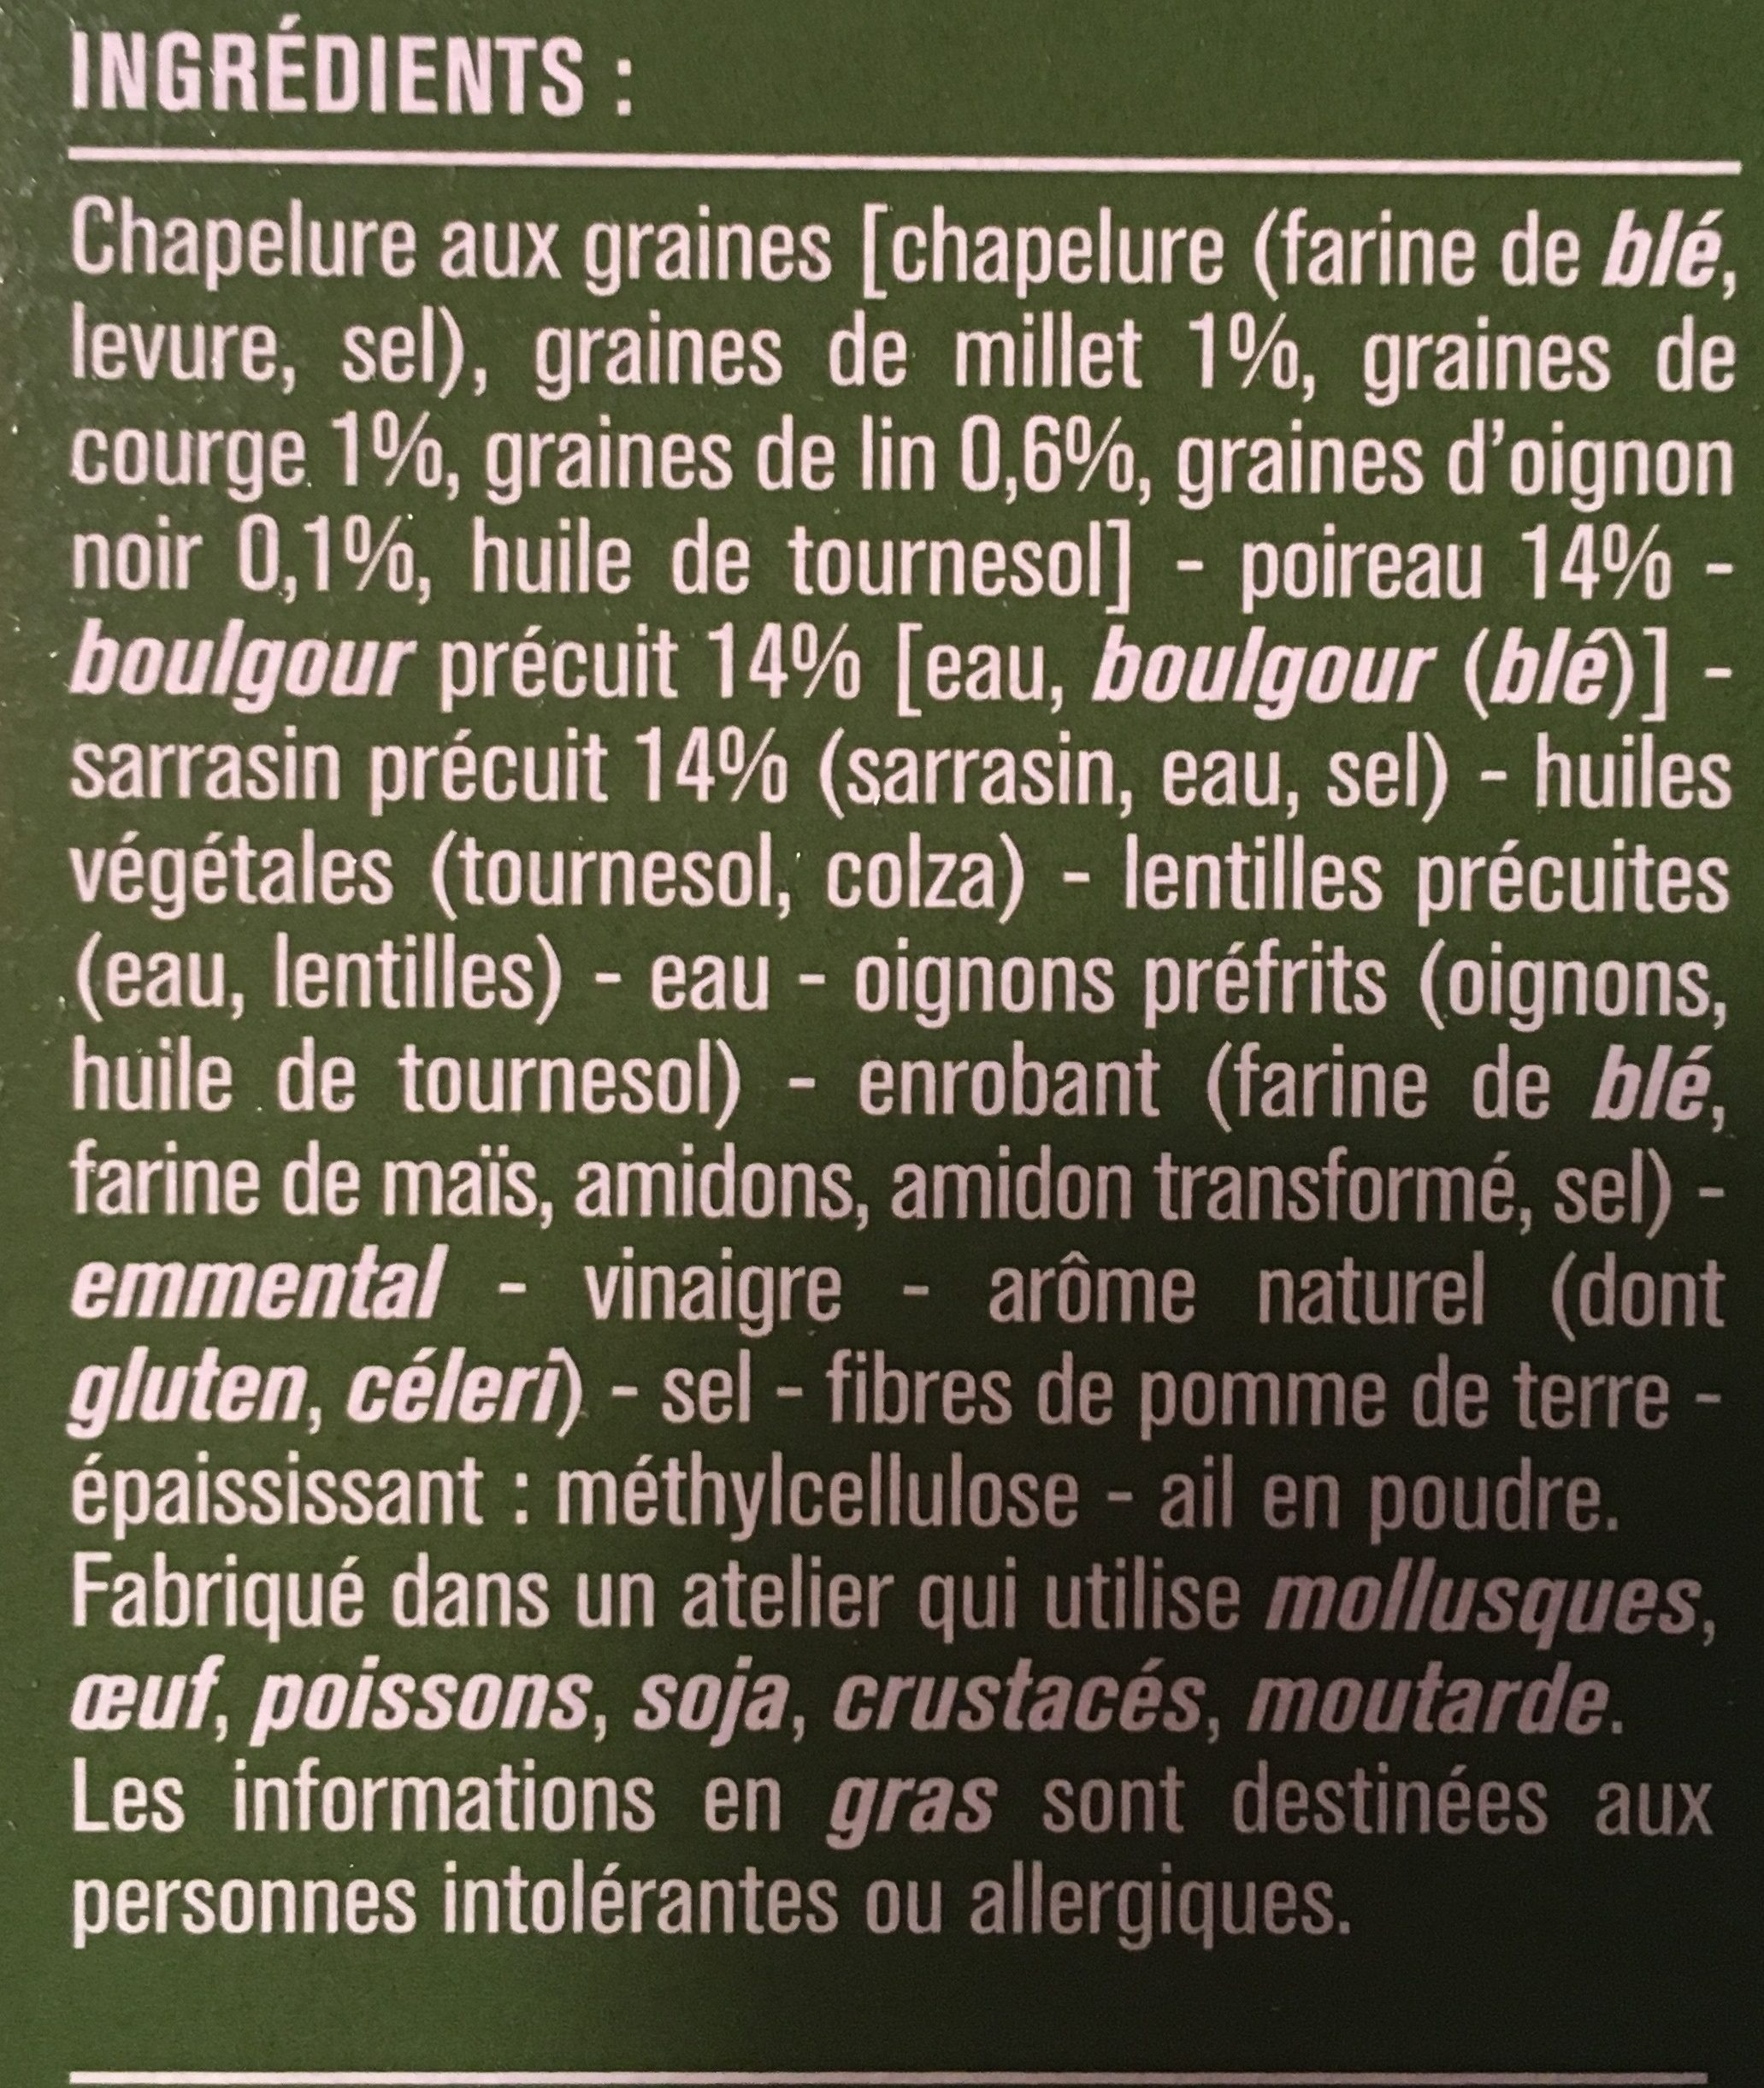 Galettes panées sarrasin boulgour poireaux - Ingredients